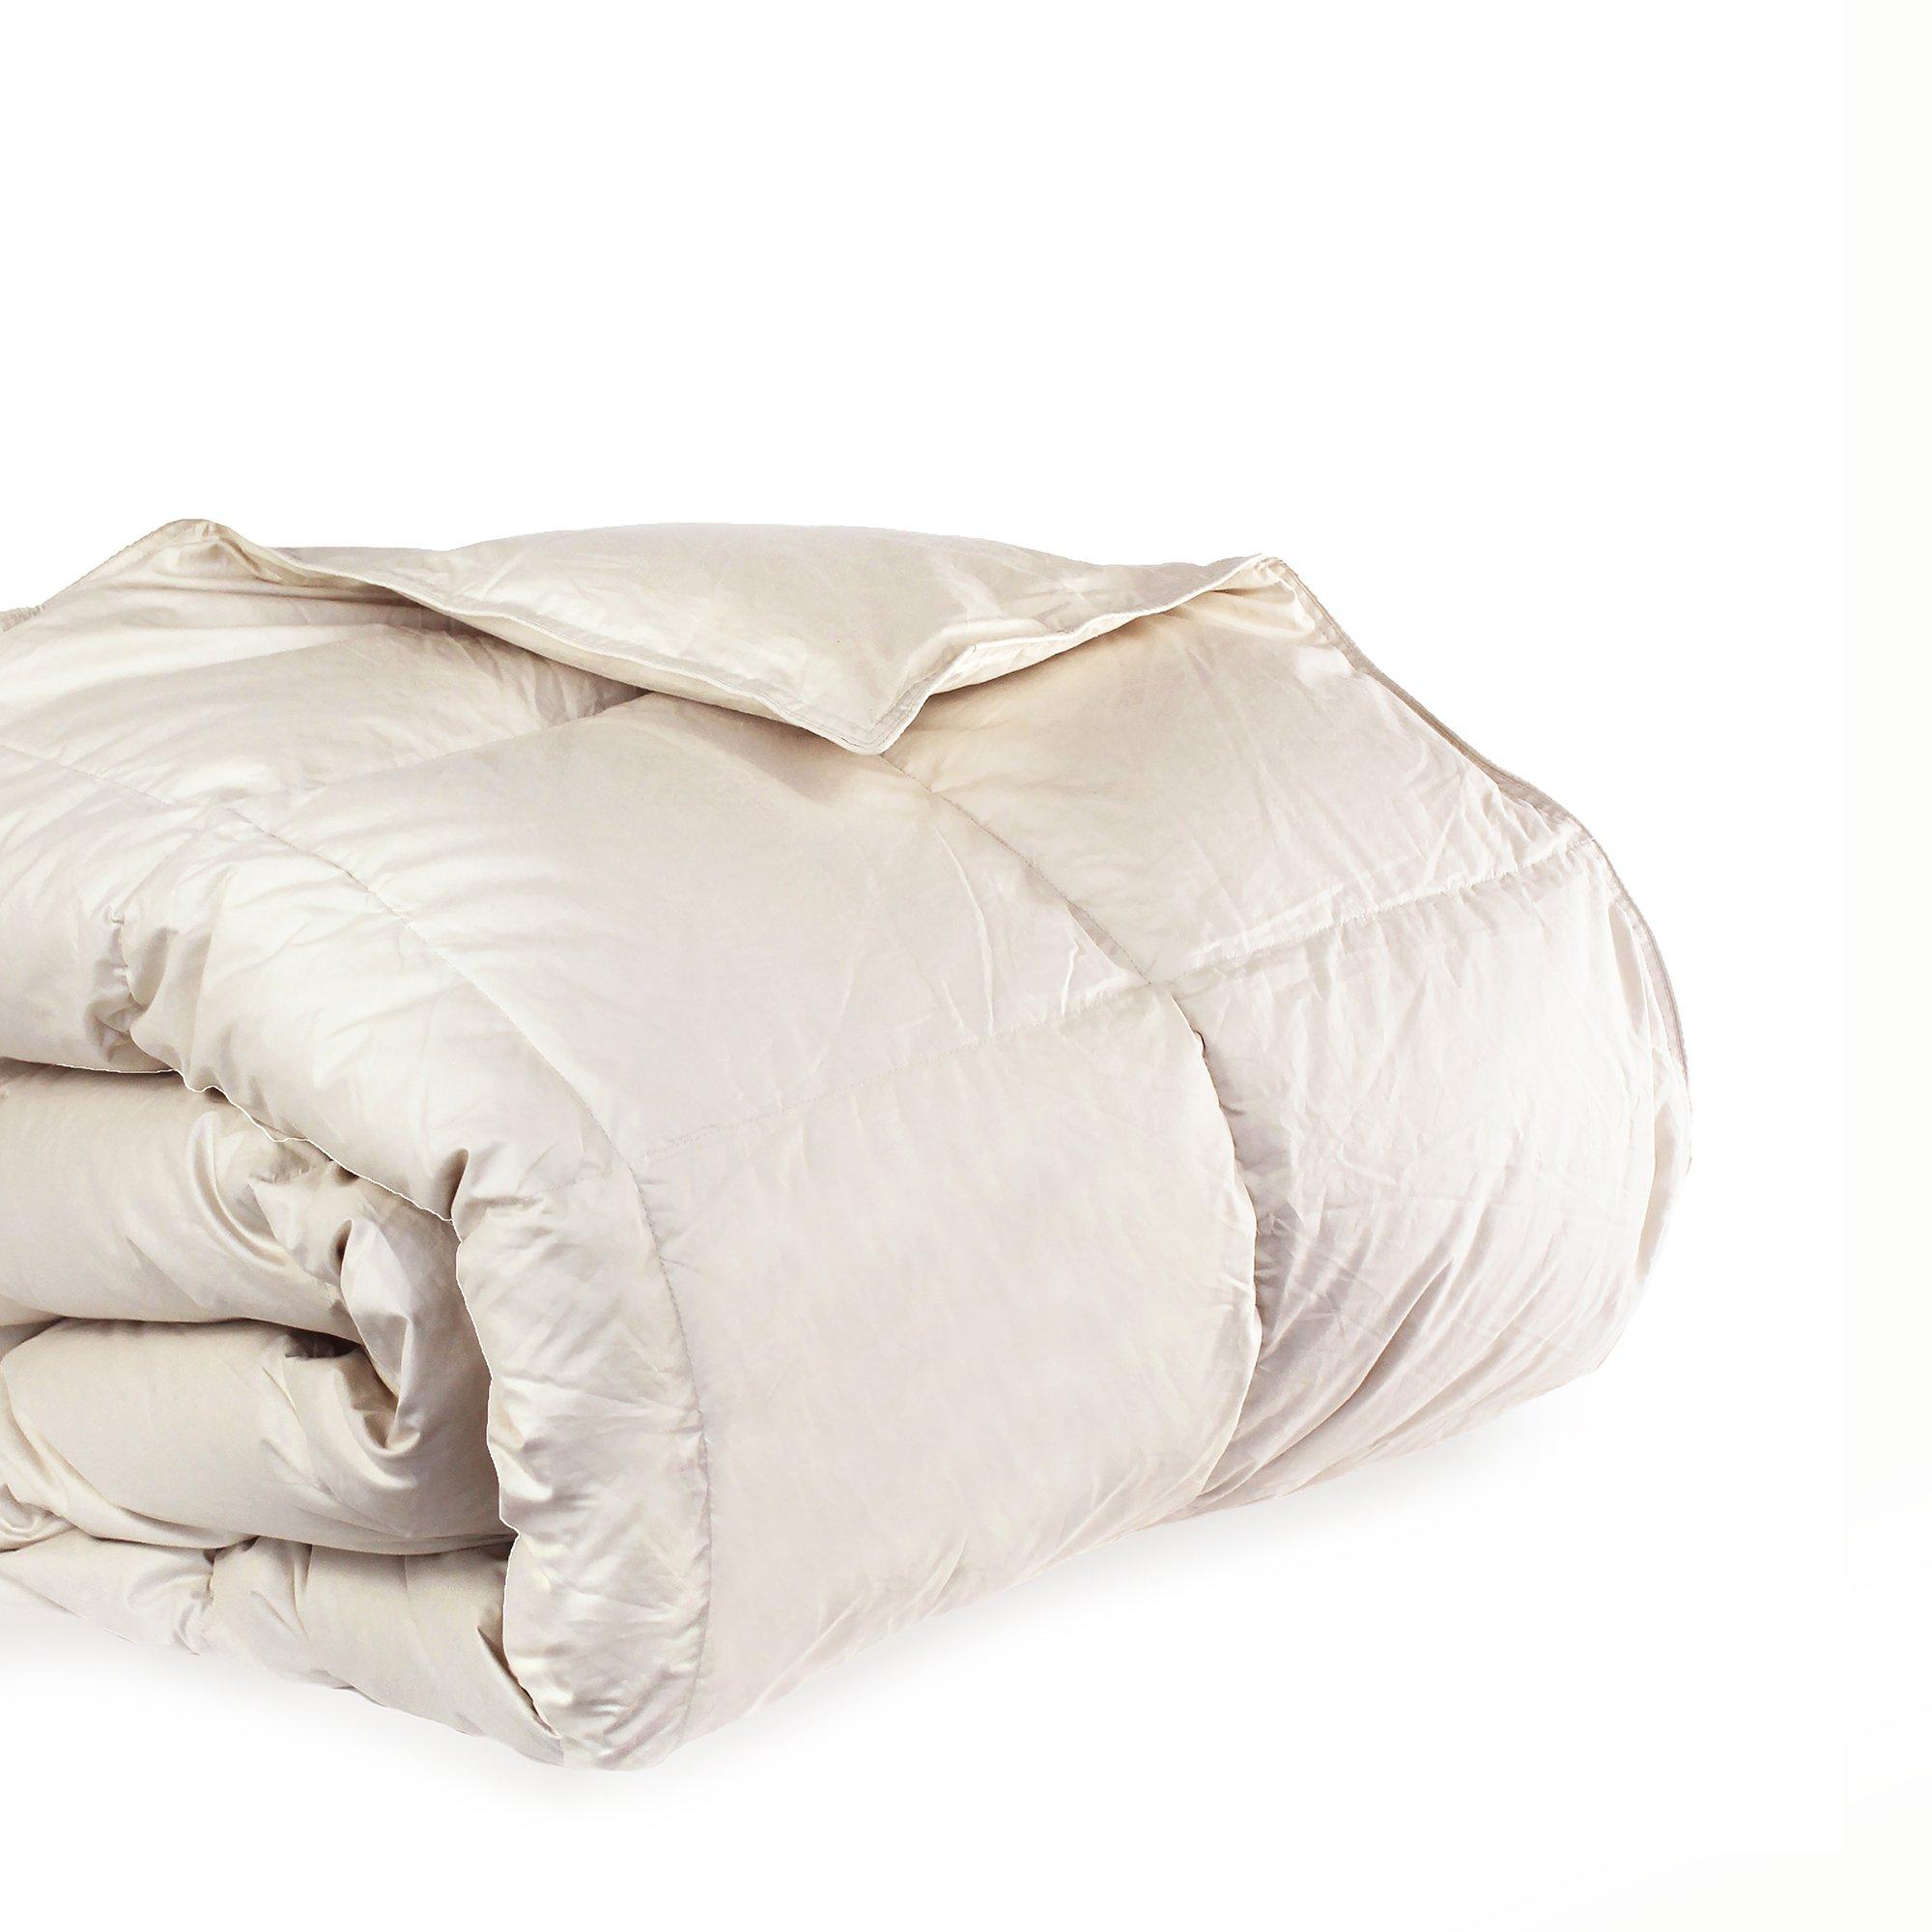 Melange Home 206865 206865 Down Alt Comforter,Sand Dune,Queen